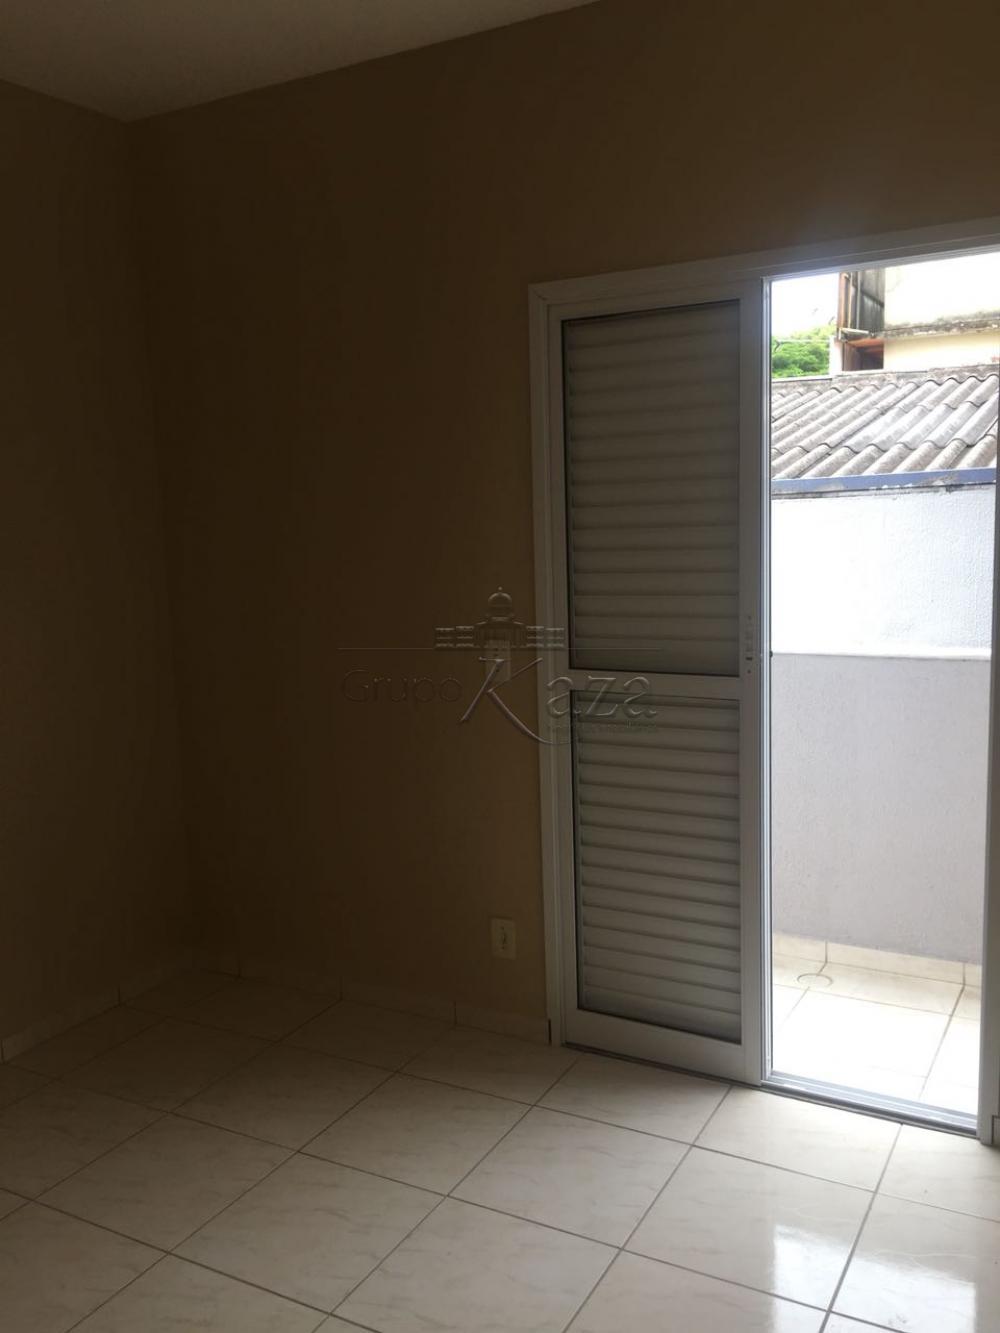 Apartamento / Padrão em São José dos Campos , Comprar por R$381.600,00